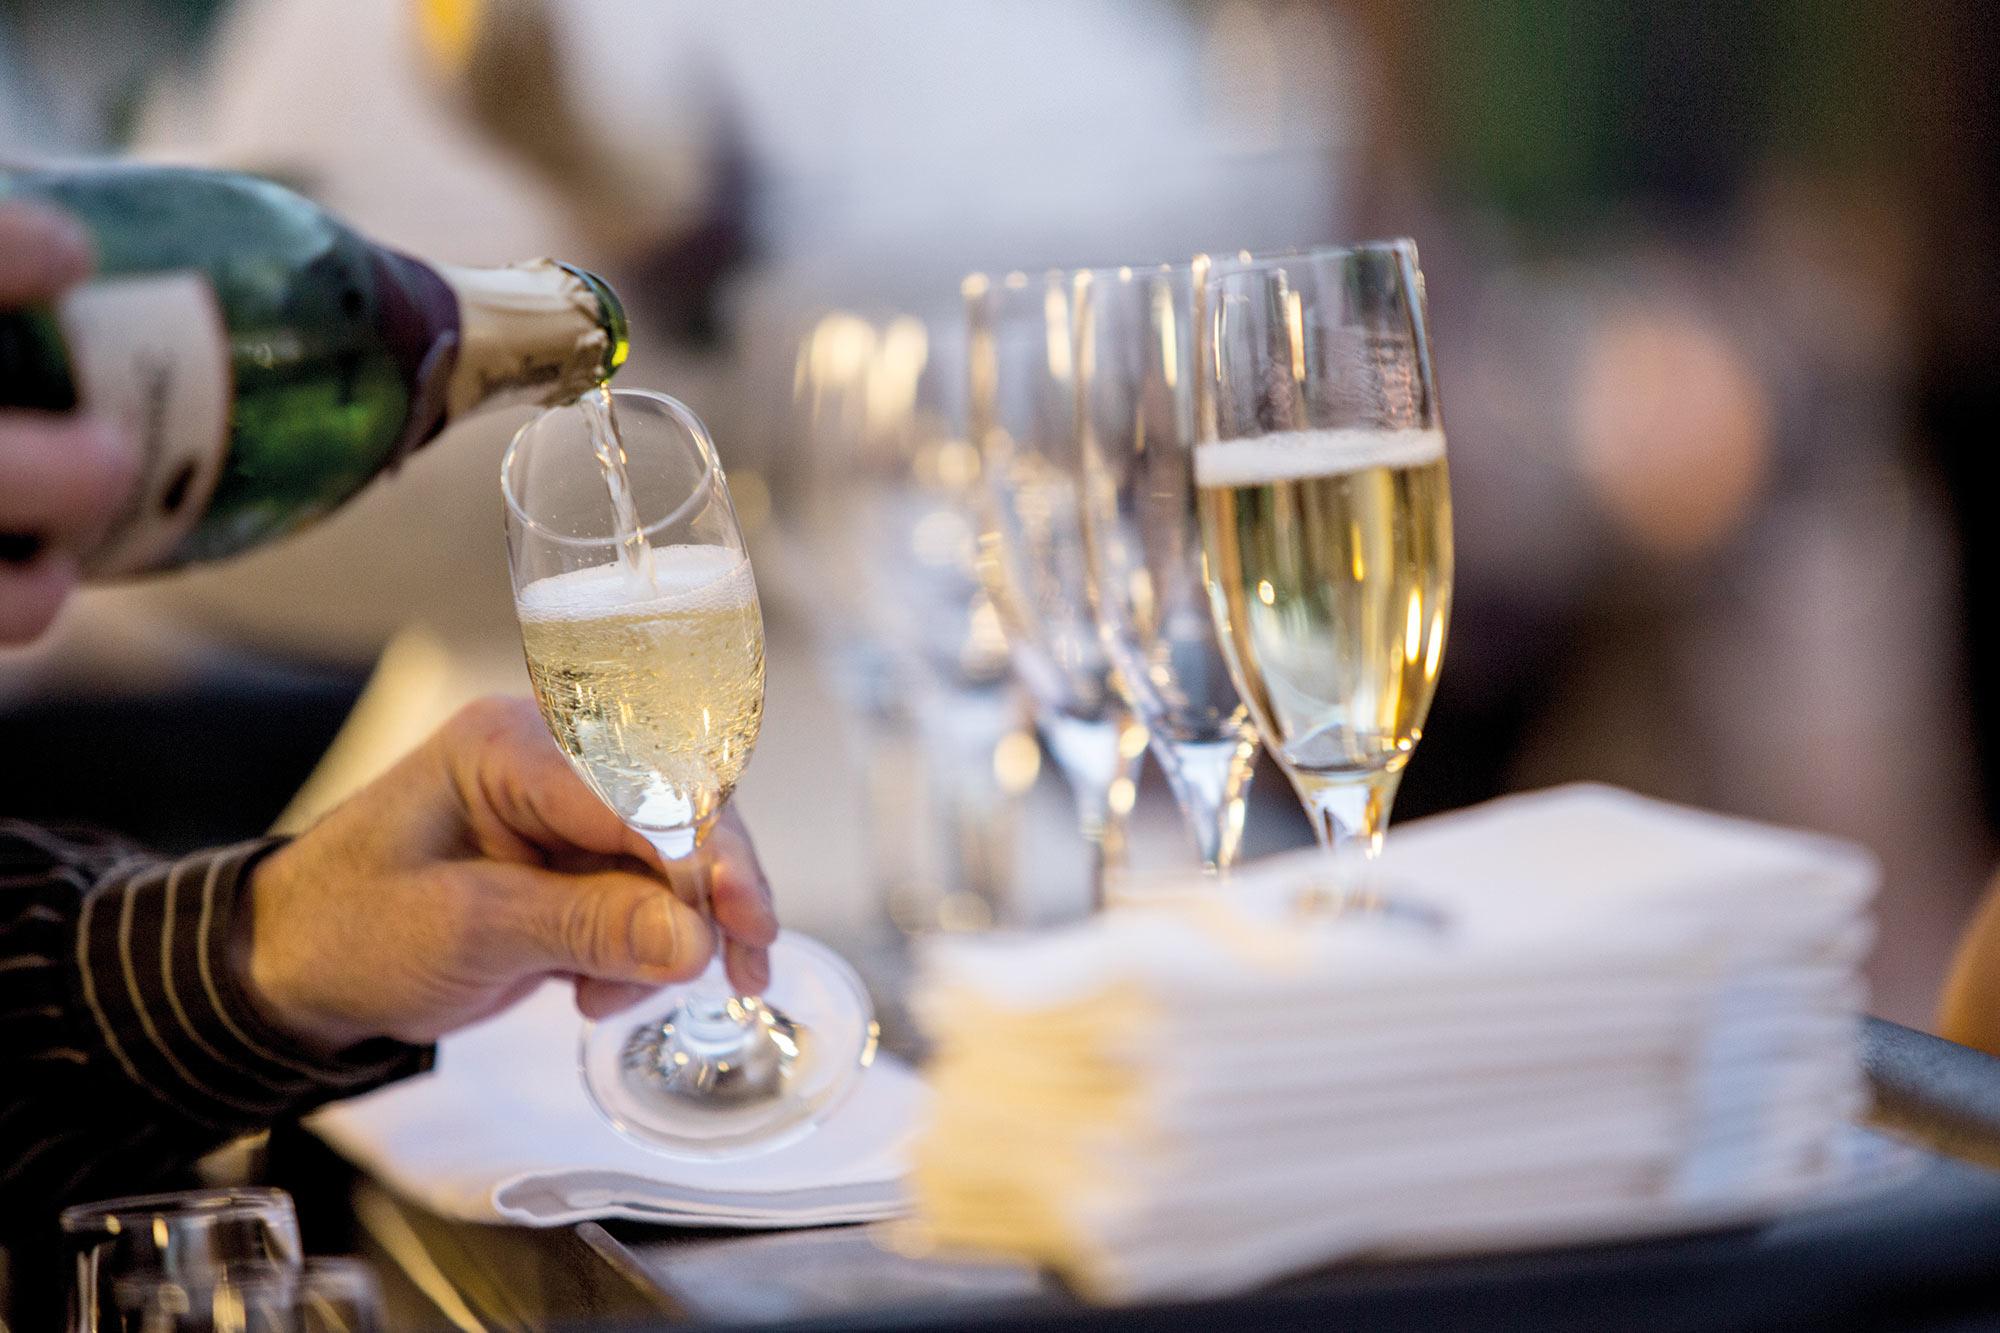 bebidas - champagne sirviendo